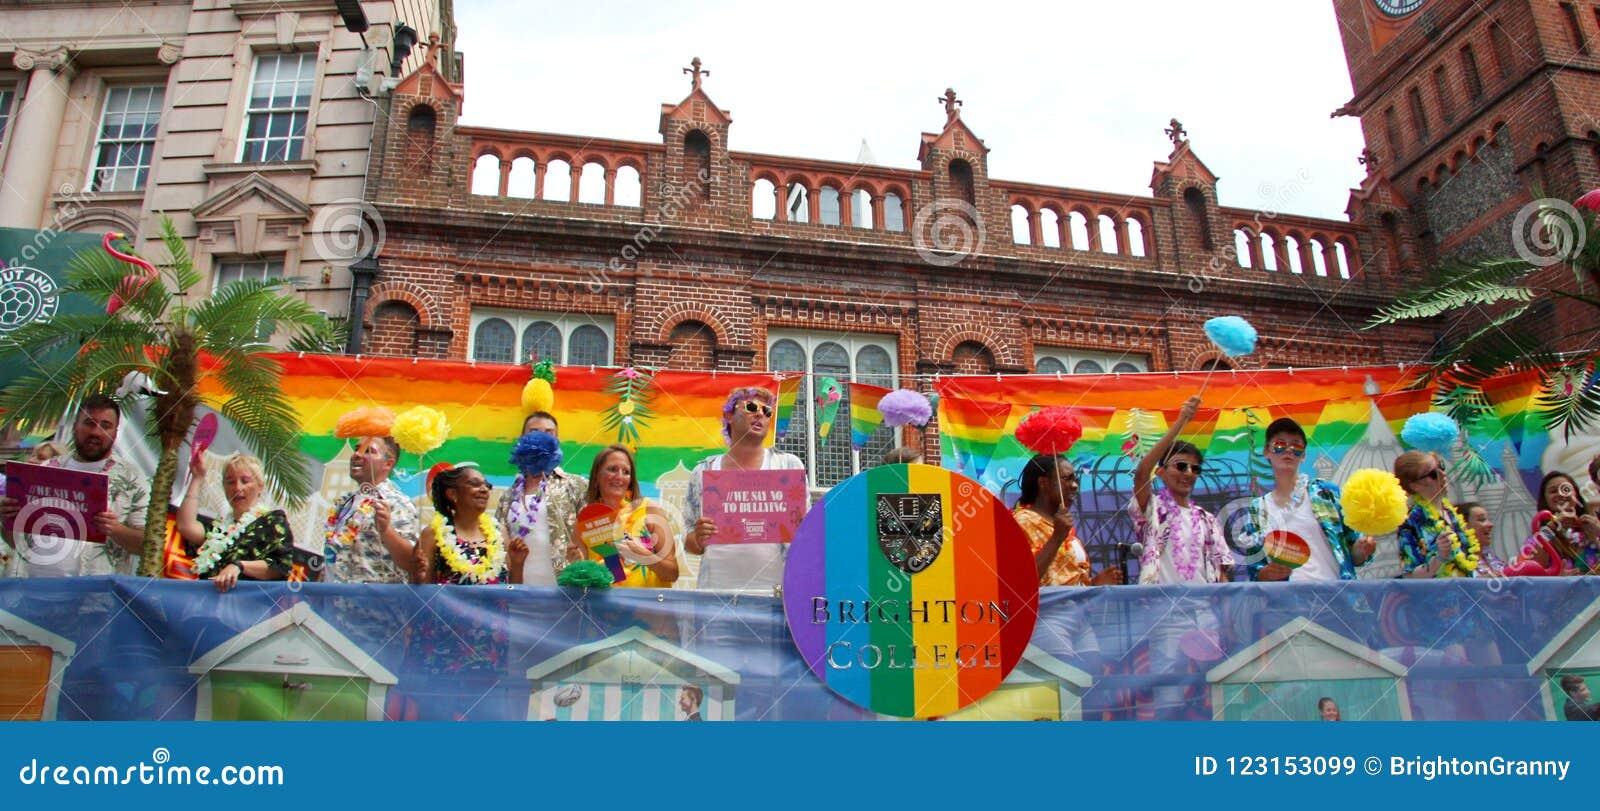 Brighton College Pride Supporters